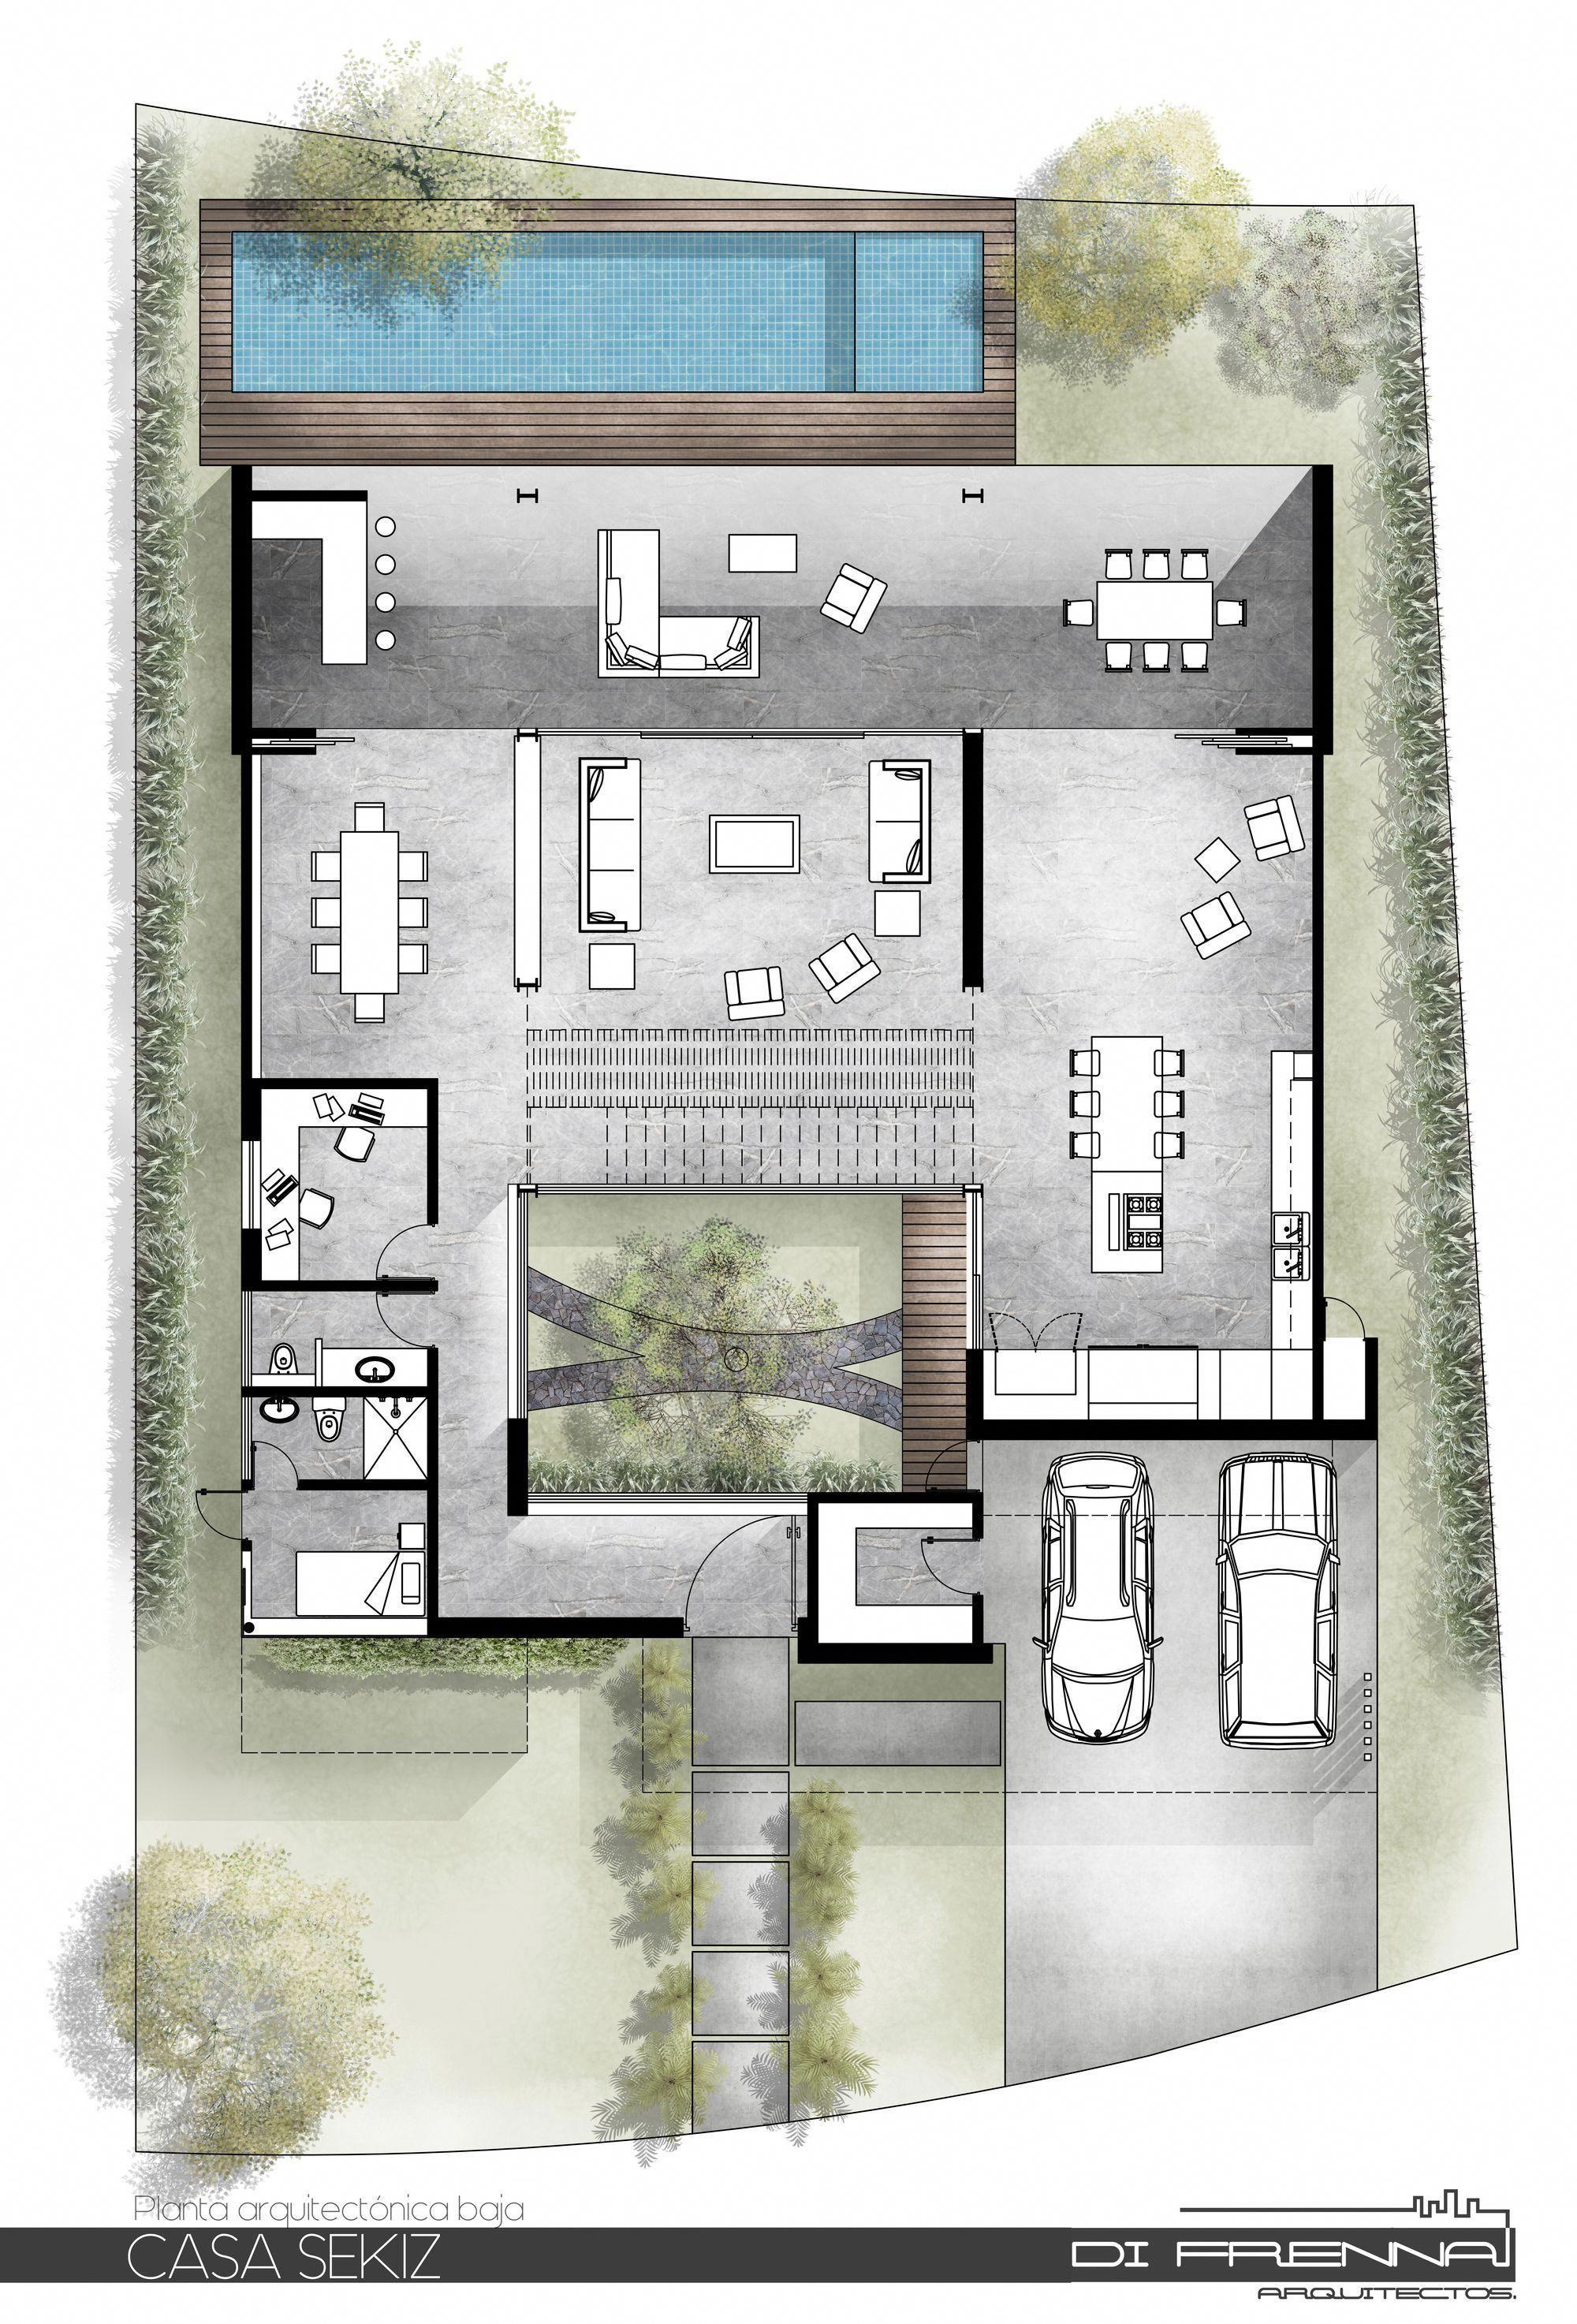 Modern Home Design Thailand Modernhomedesign Architecture House Architectural Floor Plans Minimalist House Design